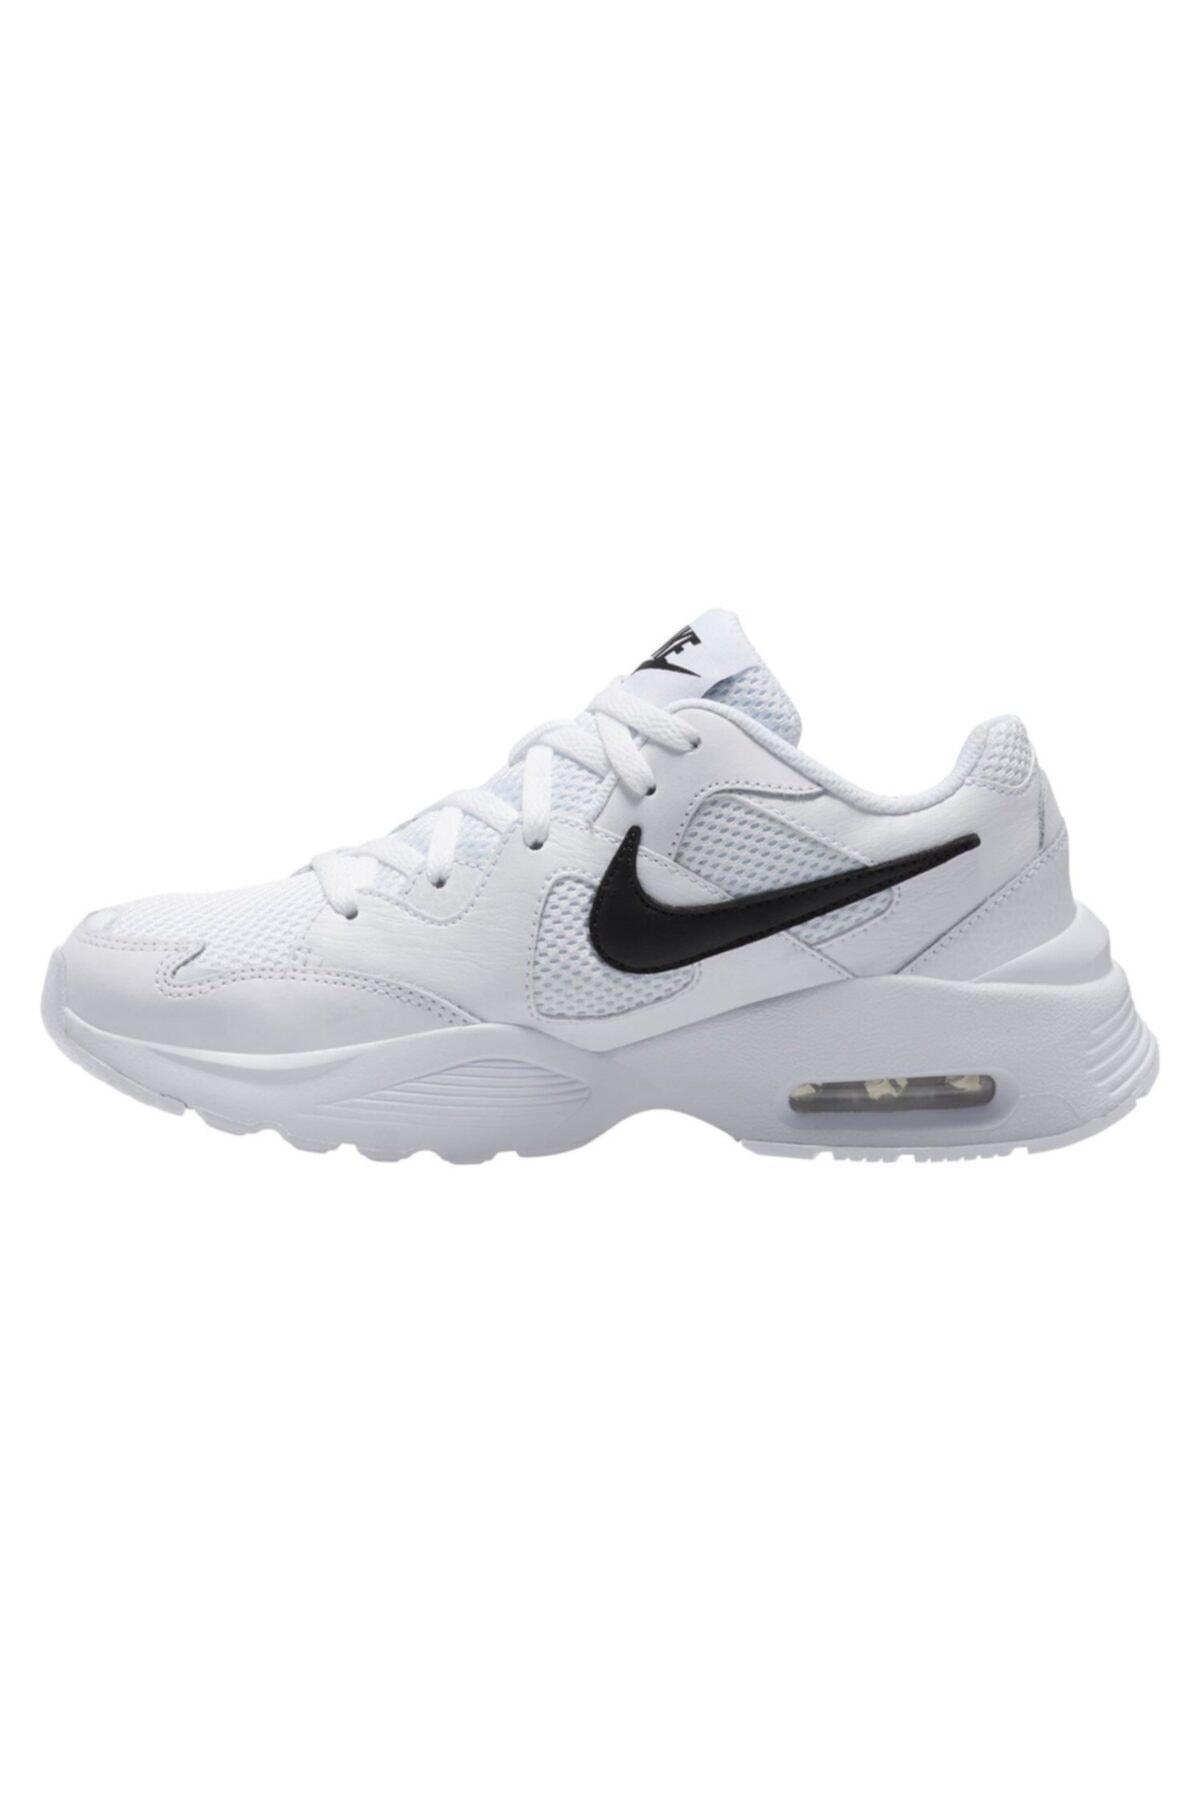 Nike Kadın Beyaz Spor Ayakkabı Nıke Wmns Aır Max Fusıon Cj1671-100 2